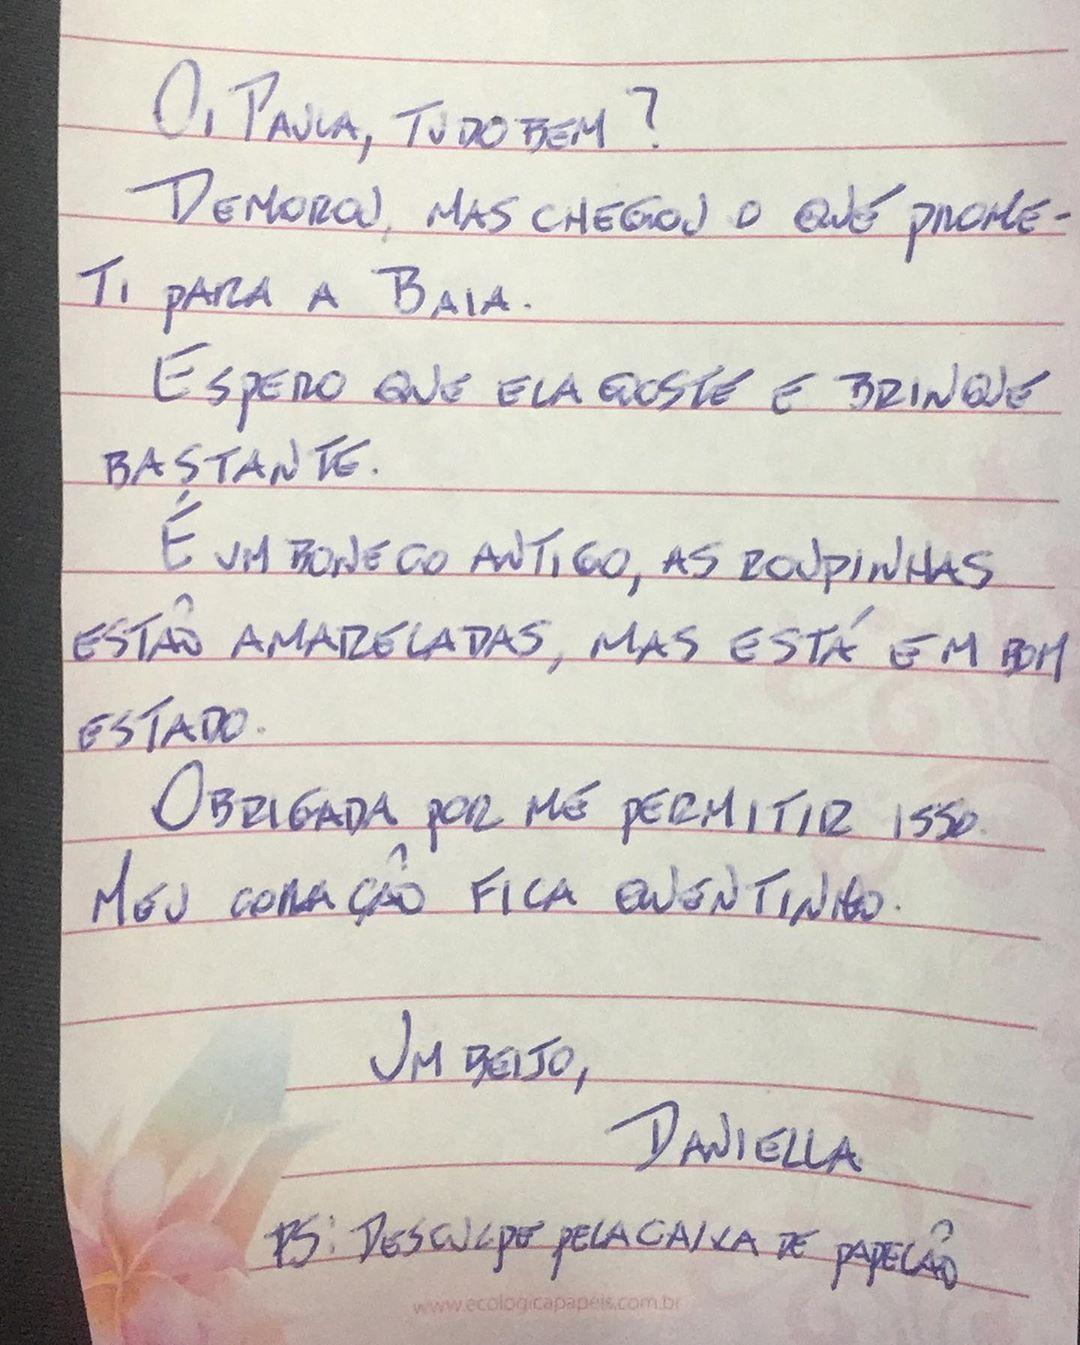 Carta de uma internauta a idosa que comemorou ainversário vestida de princesa